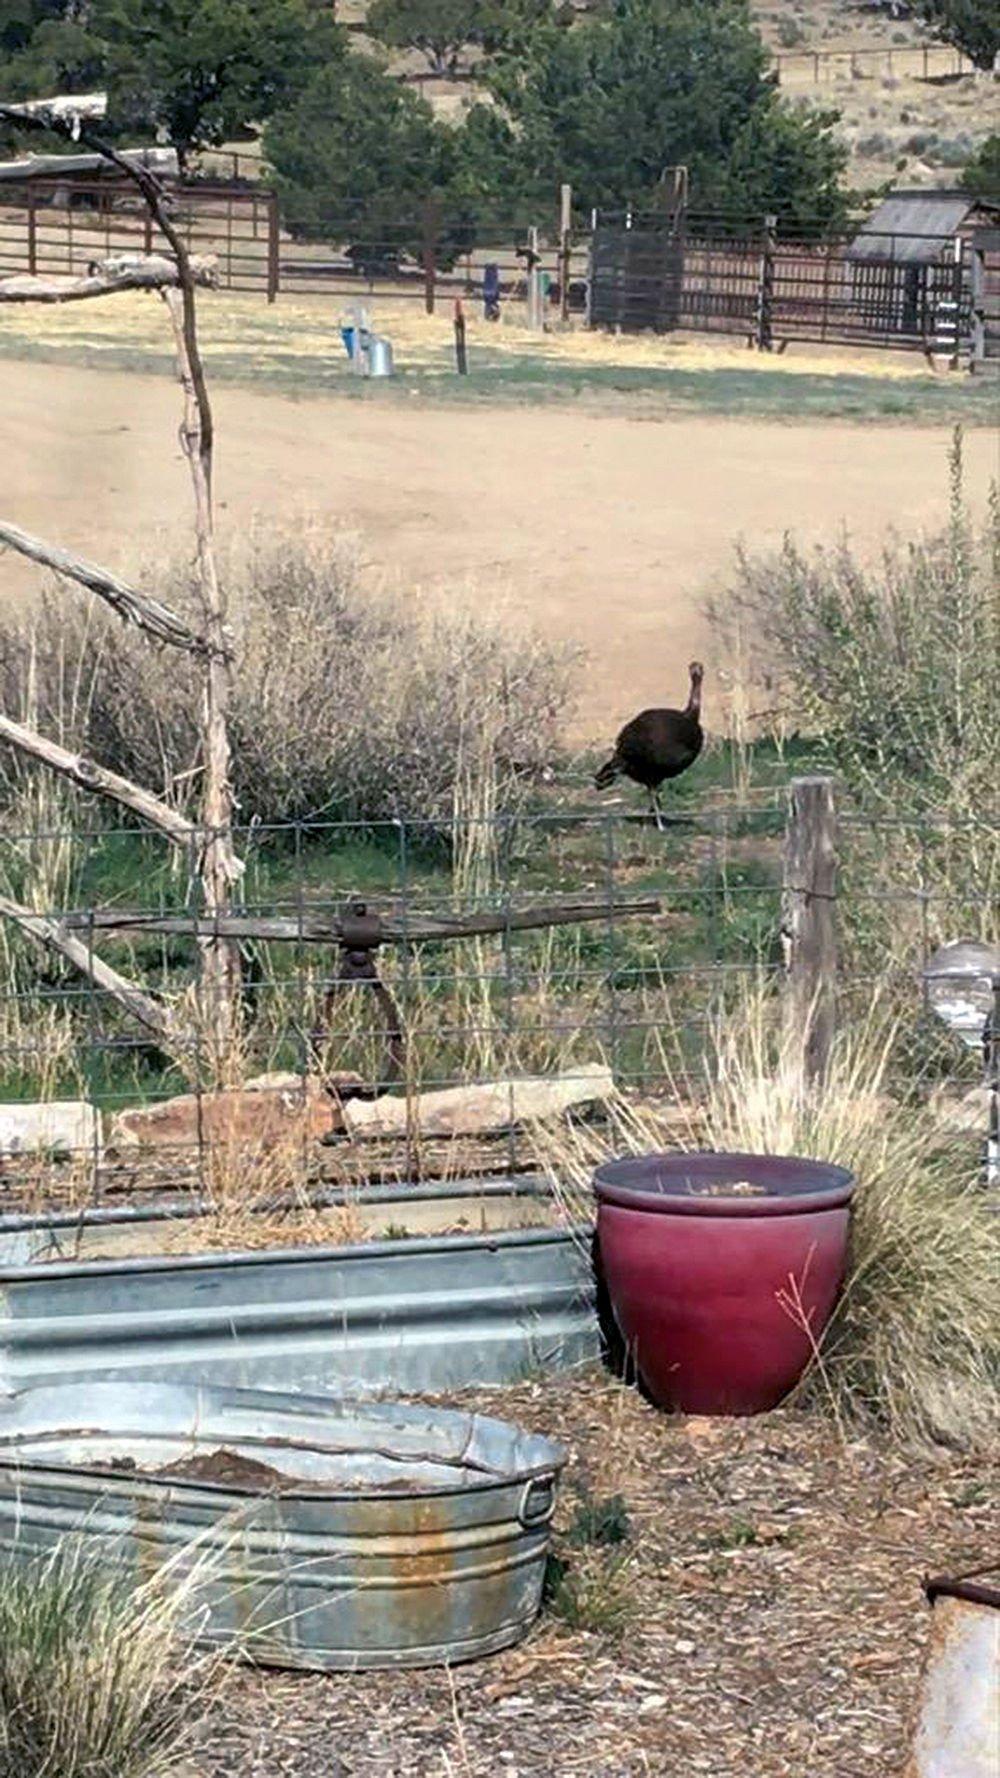 turkey on schreiber ranch 4-22-2020